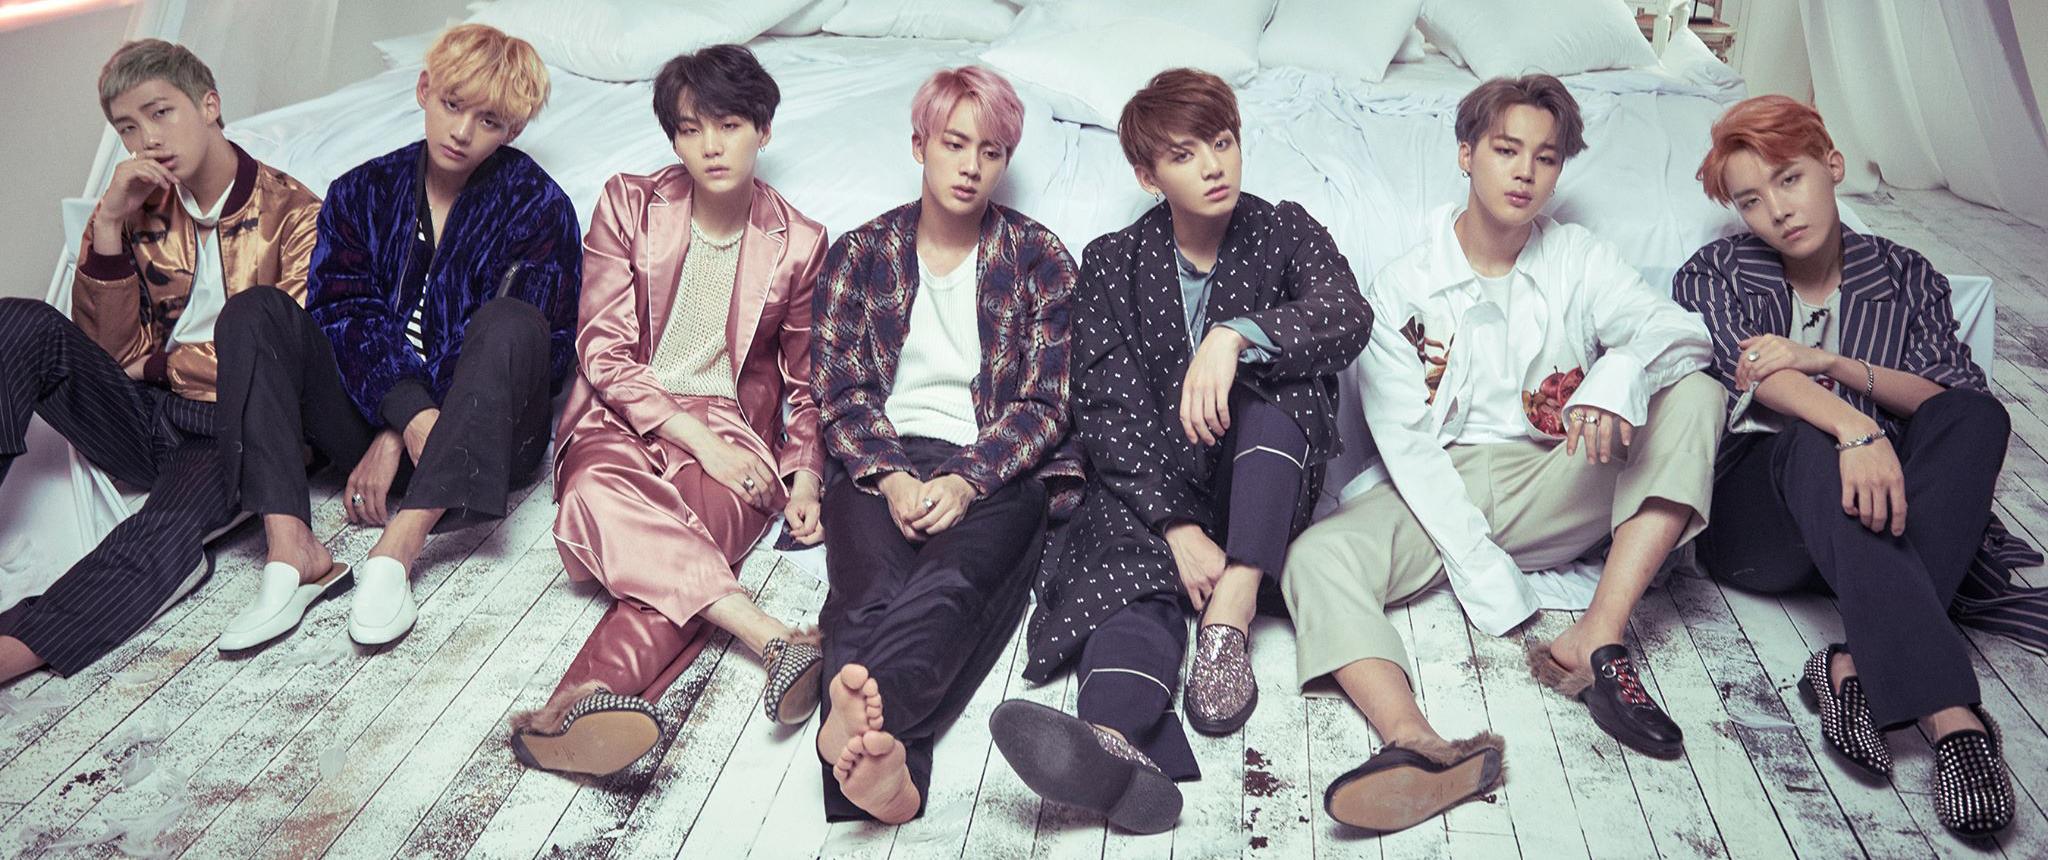 """🎥 M!Countdown: Fancam do MPD, de cada integrante do BTS durante a apresentação de """"Blood, Sweat & Tears"""""""